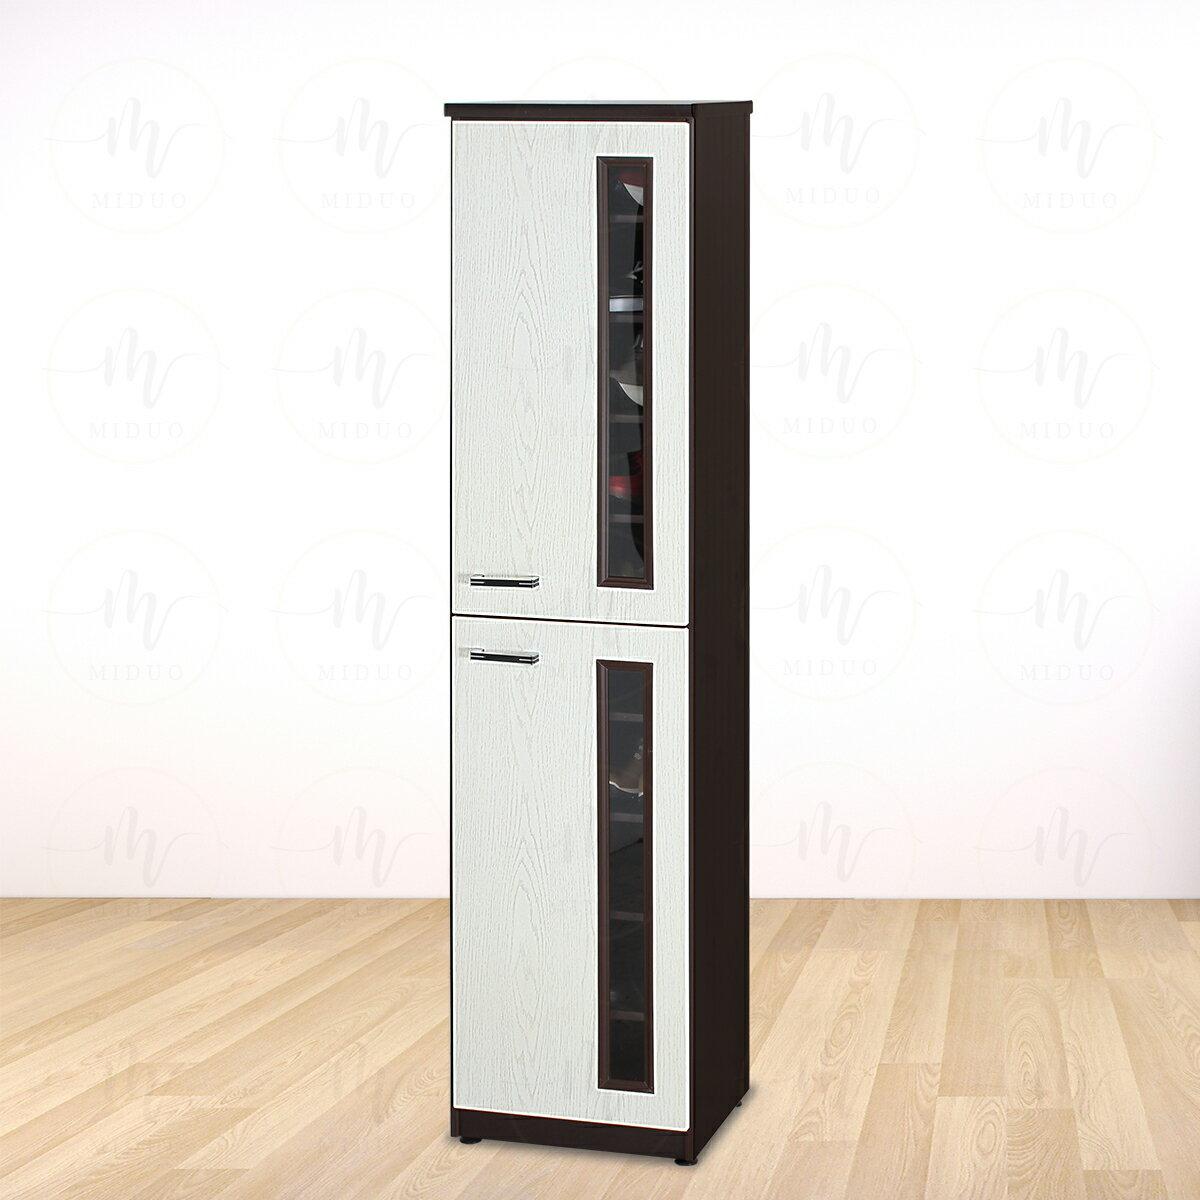 1.4尺塑鋼兩門鞋櫃 防水塑鋼家具 壓克力門片【米朵Miduo】